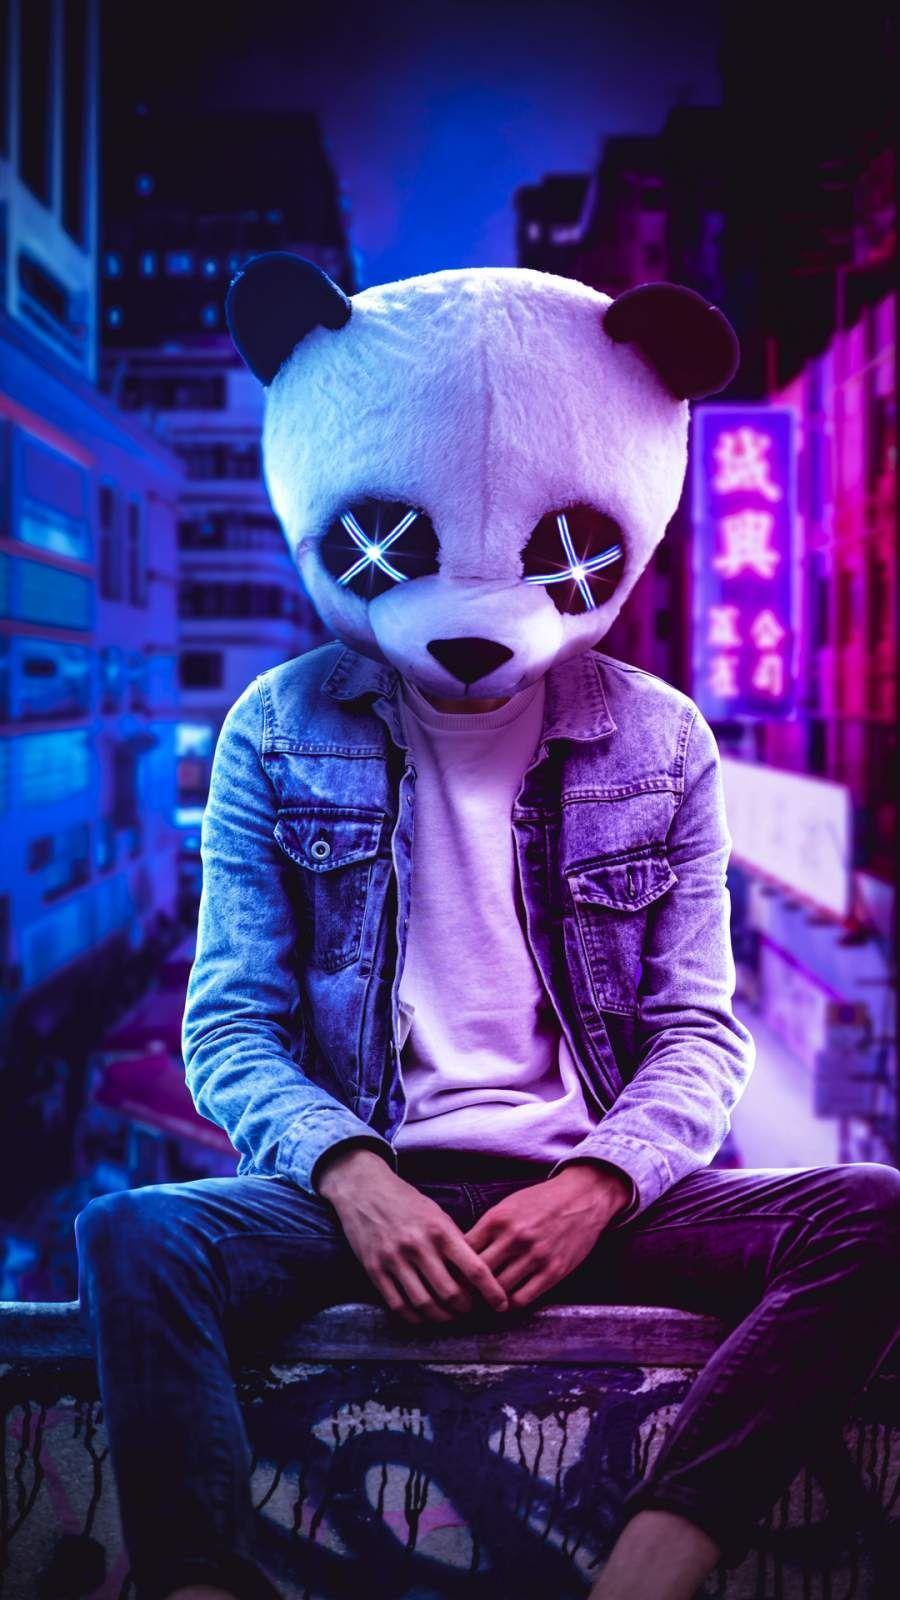 Panda Guy Iphone Wallpaper 2020 Pandalar Retro Posterler